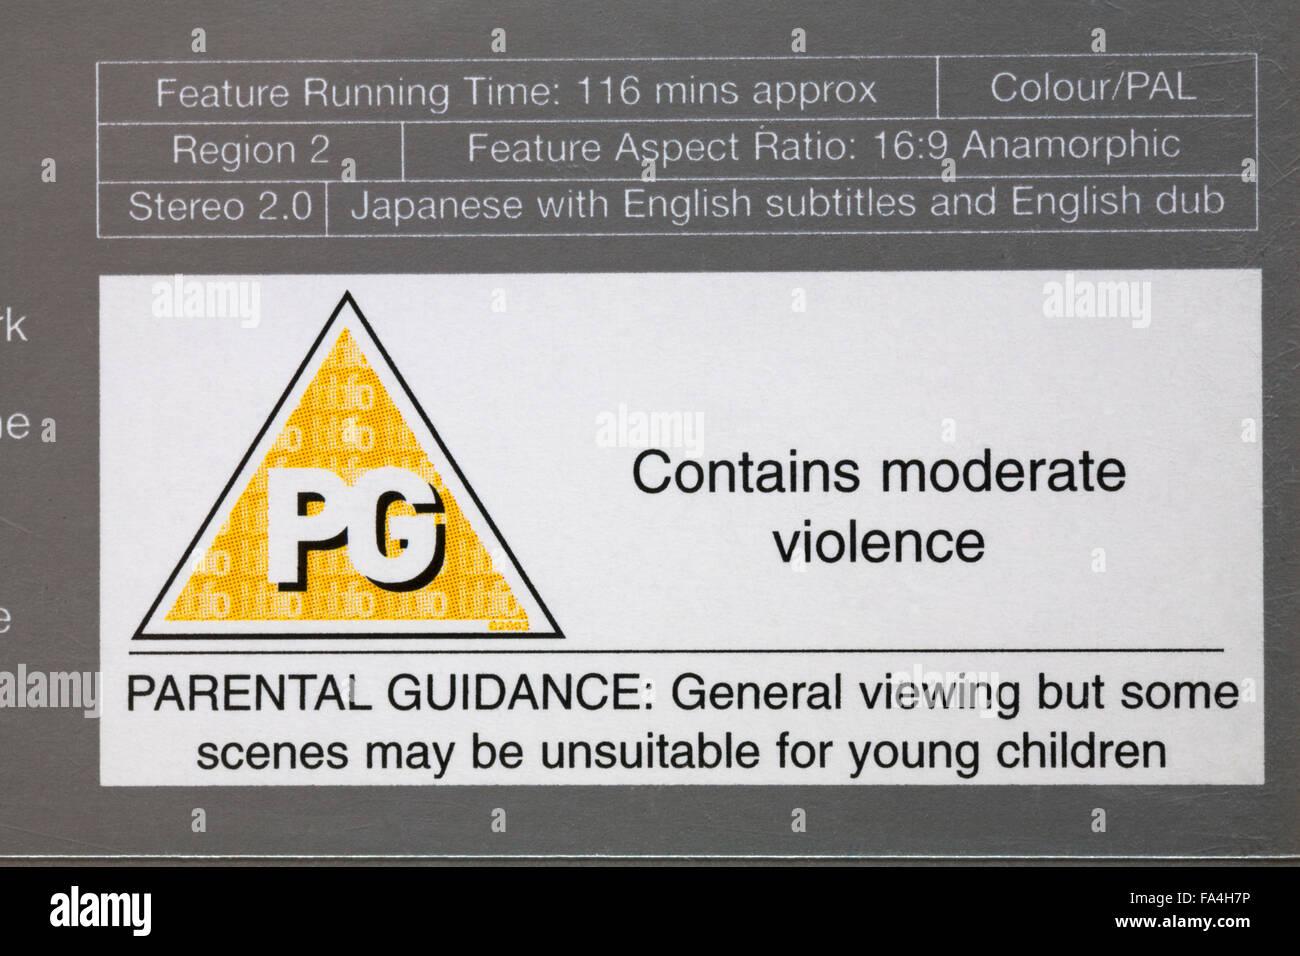 PG di rating sulla custodia del DVD contiene violenza moderata Immagini Stock